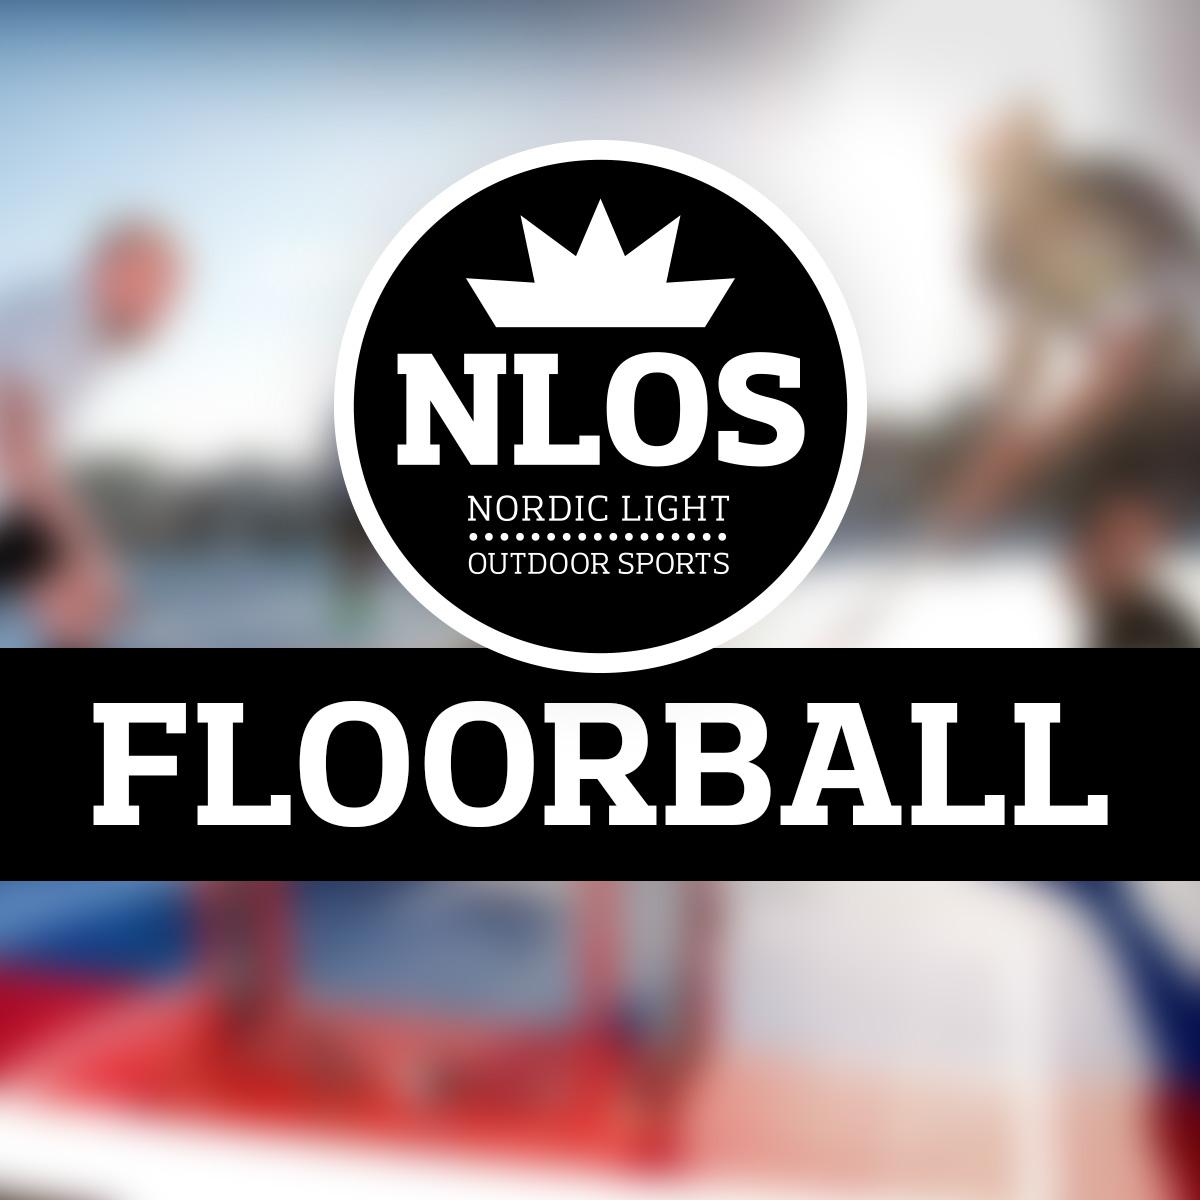 NLOS Floorball